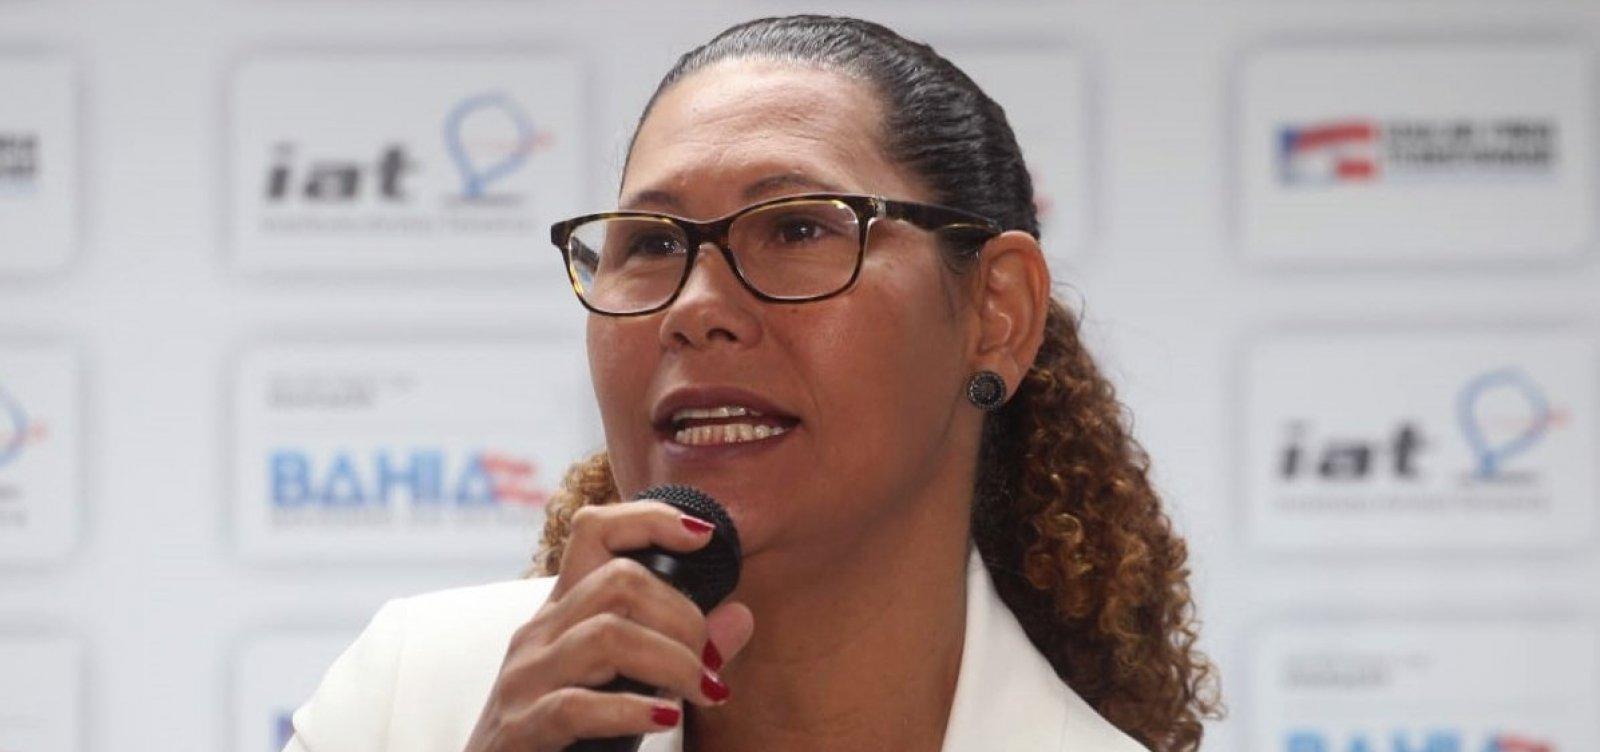 ['Nomeação do novo presidente da Palmares é reflexo do governo racista', avalia titular da Sepromi]